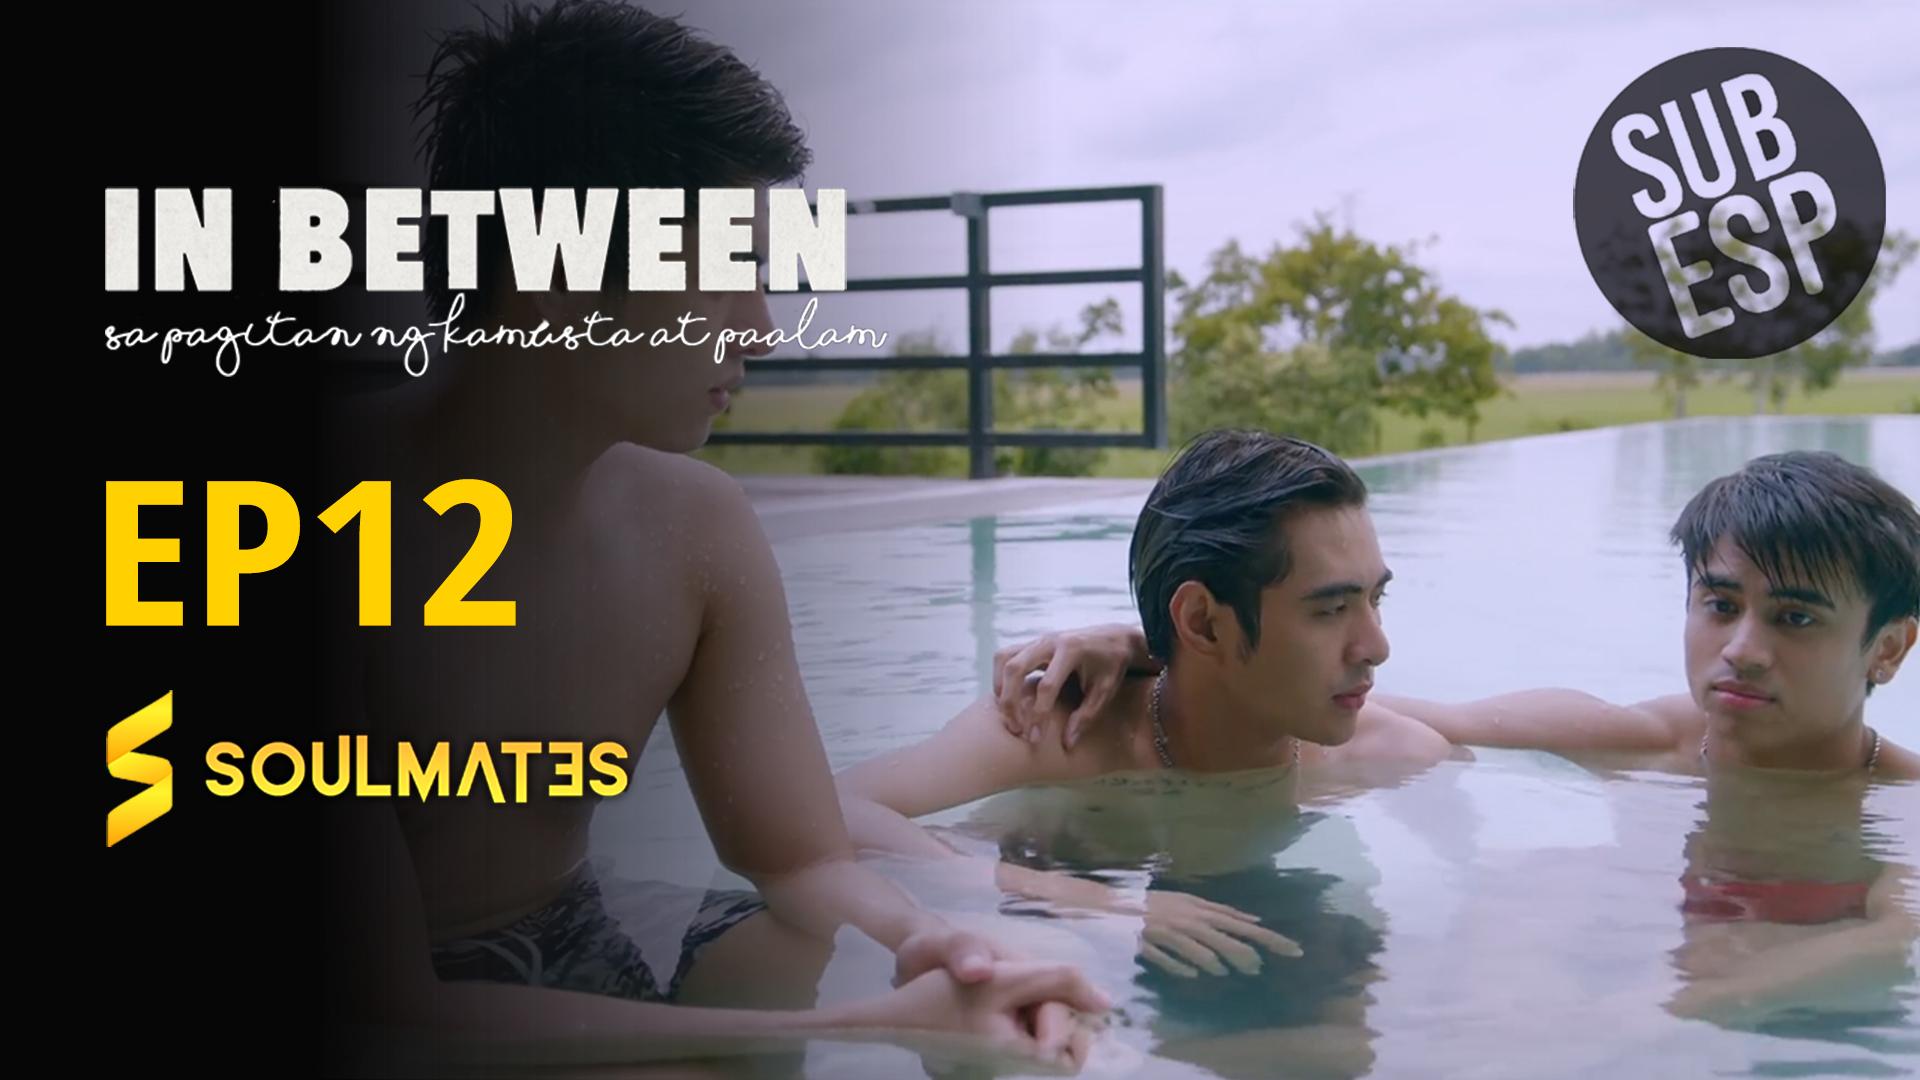 In between: T1-E12